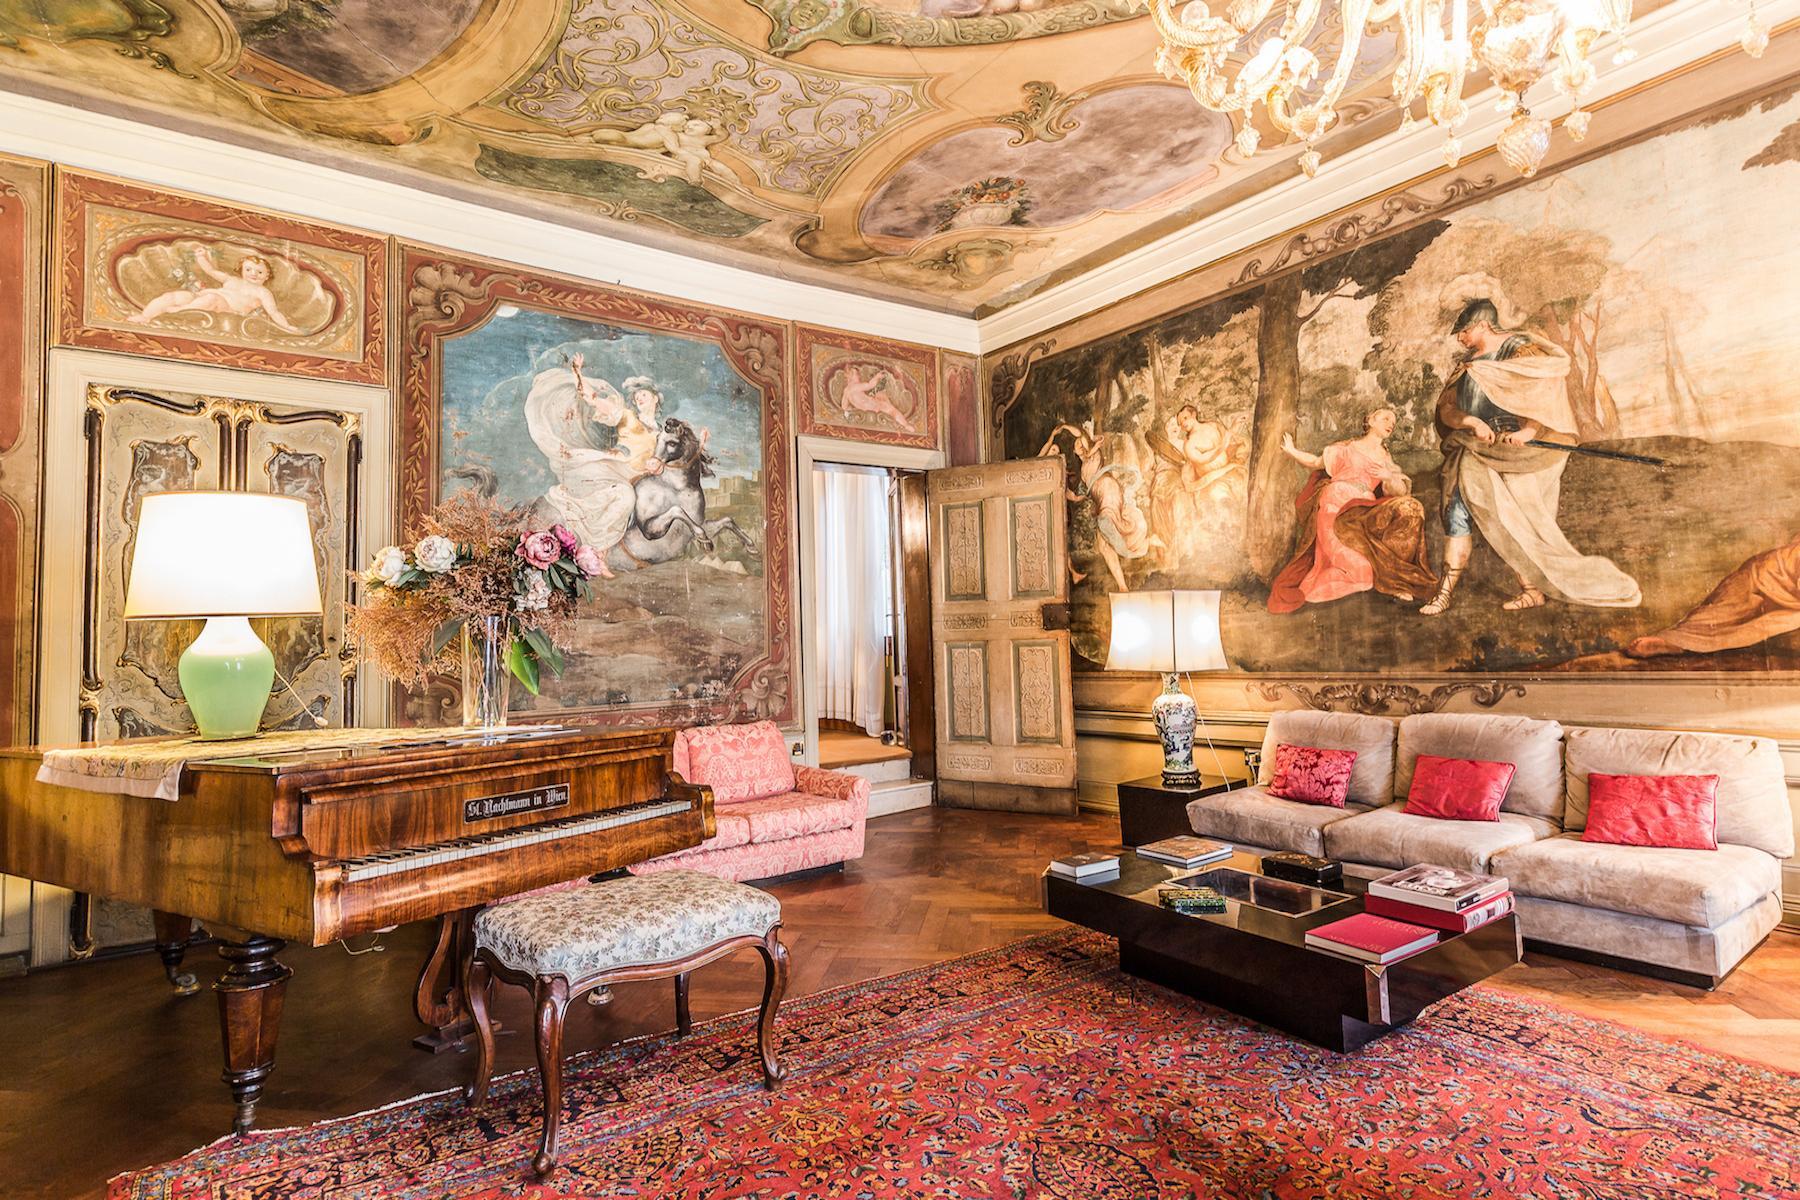 Wunderschöne Wohnung im Santo Stefano Stadtviertel - 4